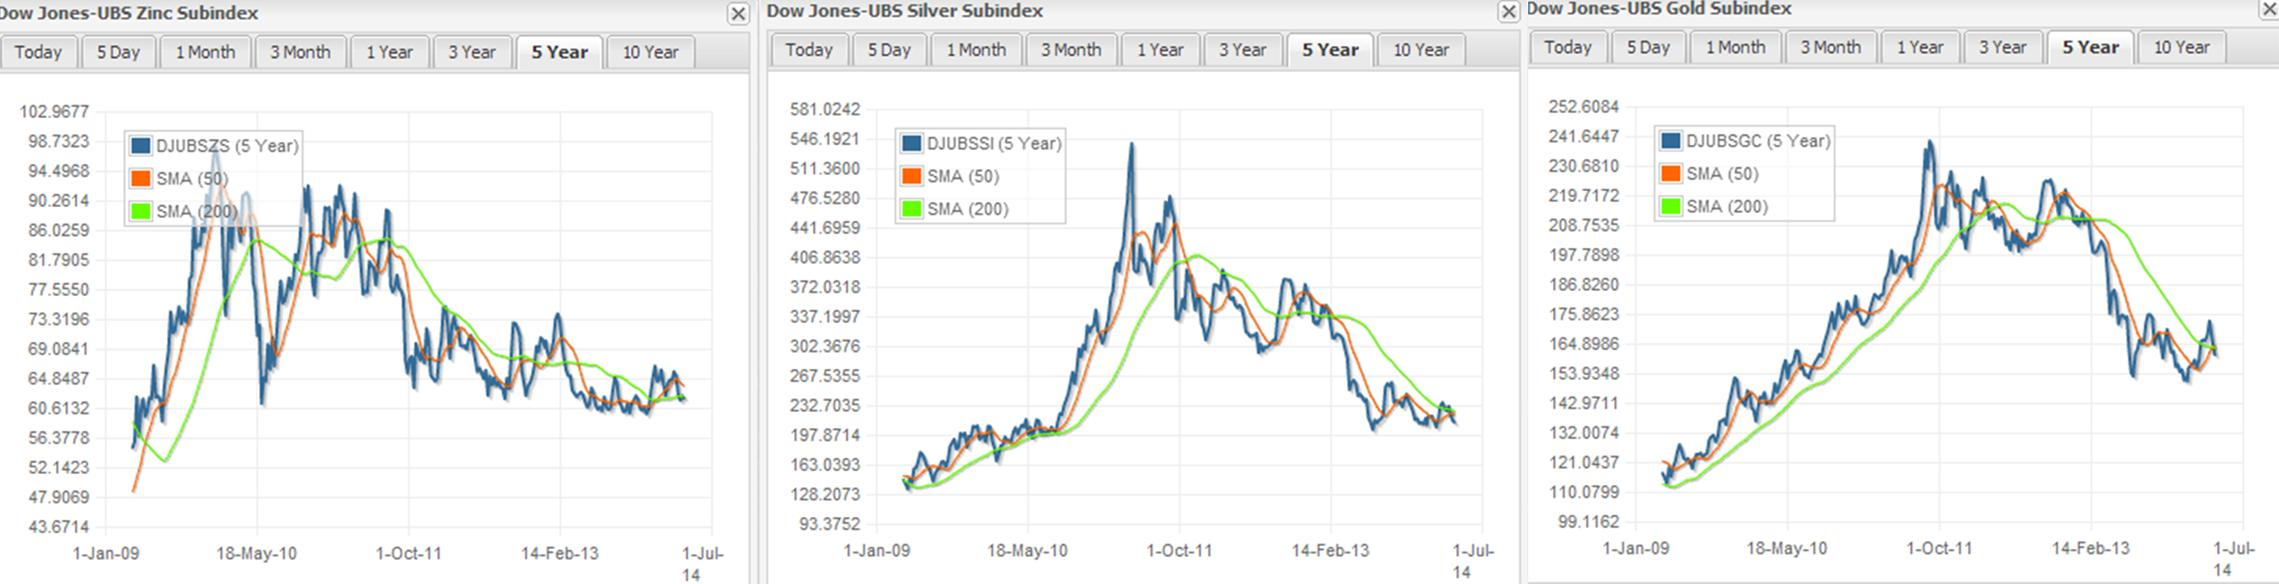 Indices Dow Jones para el Zinc, Plata y Oro. Fuente: S&P Dow Jones Indices